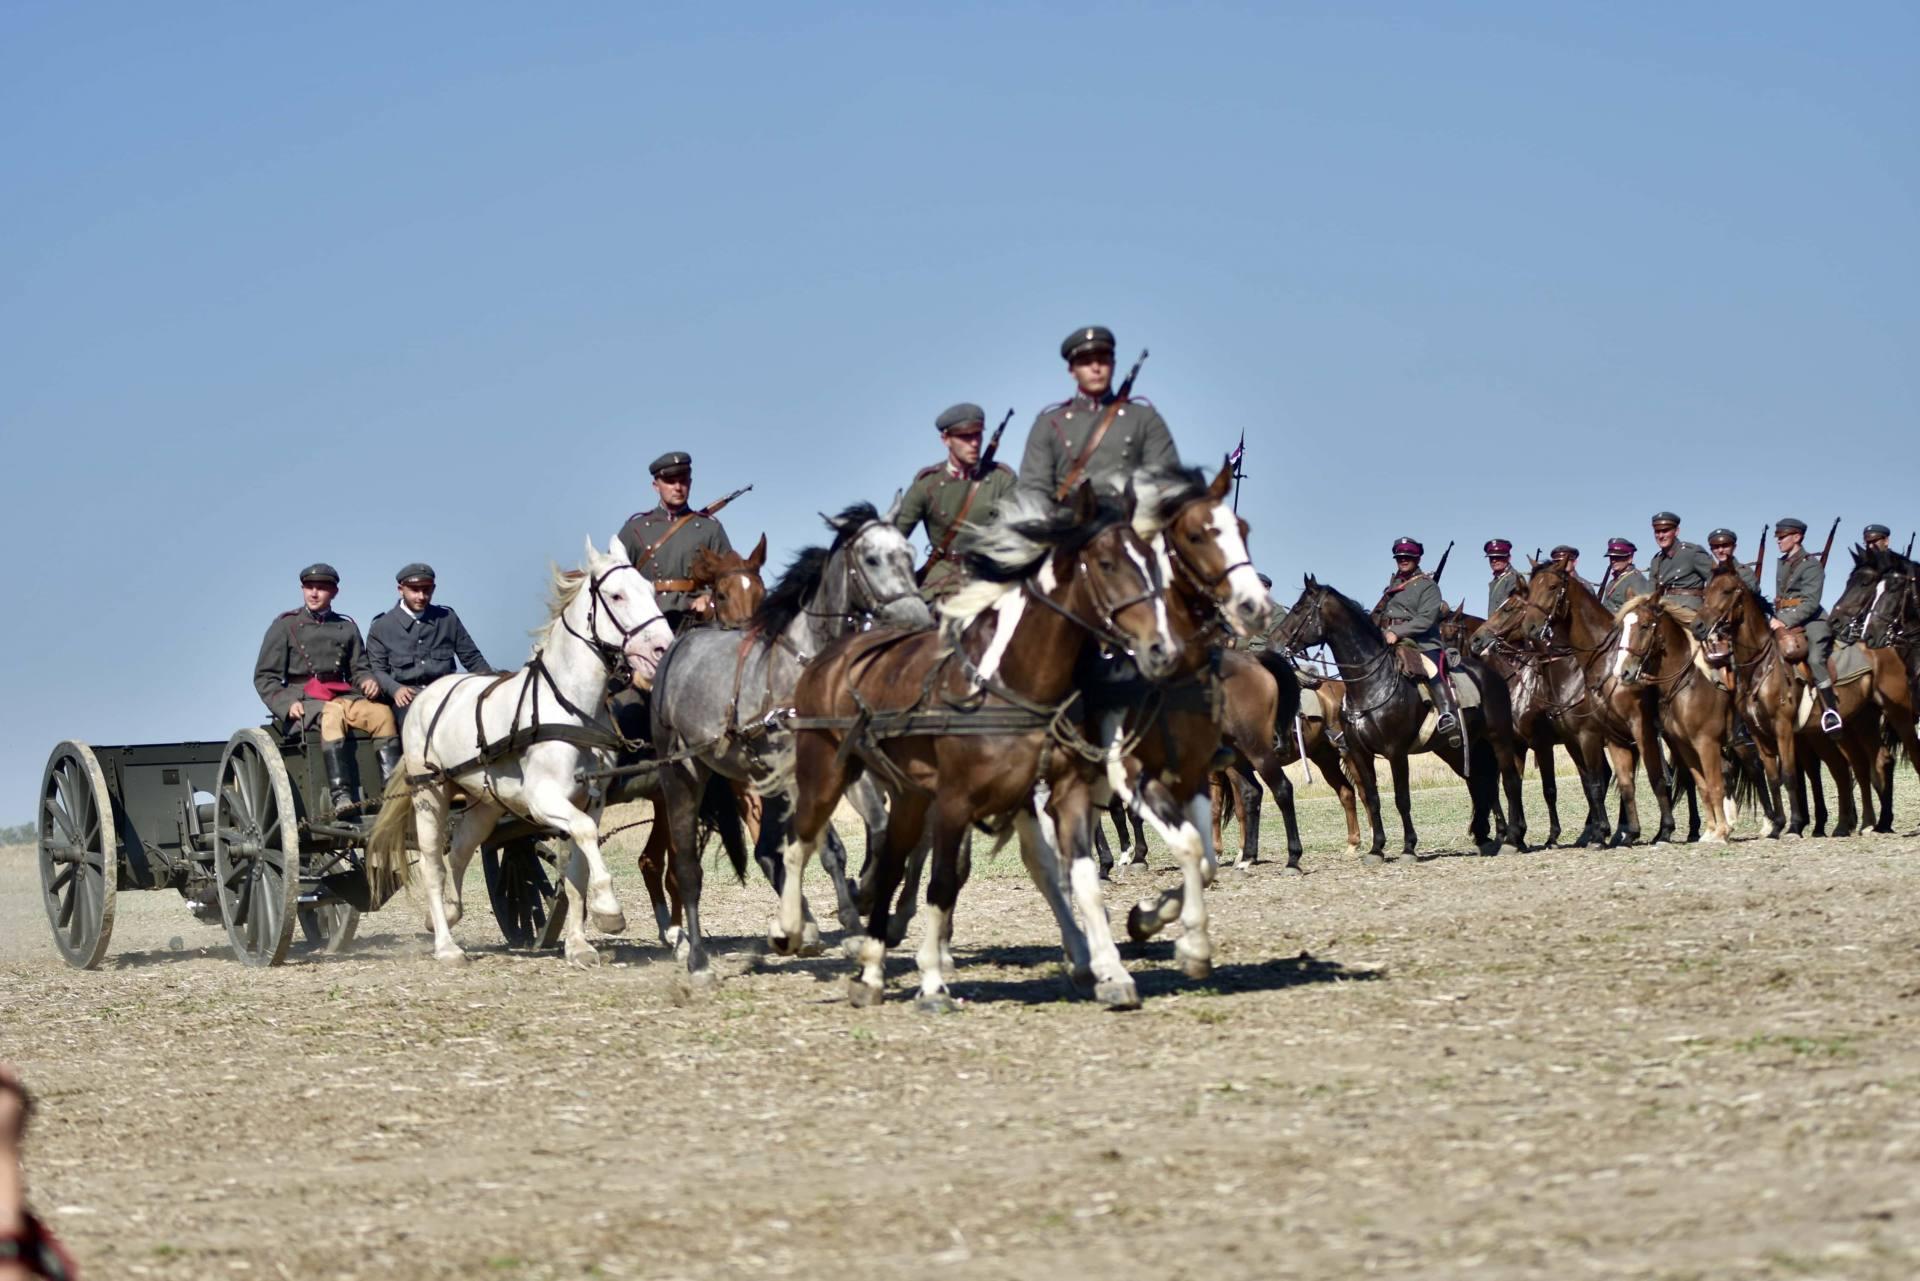 dsc 1208 Czas szabli - 100 rocznica bitwy pod Komarowem(zdjęcia)